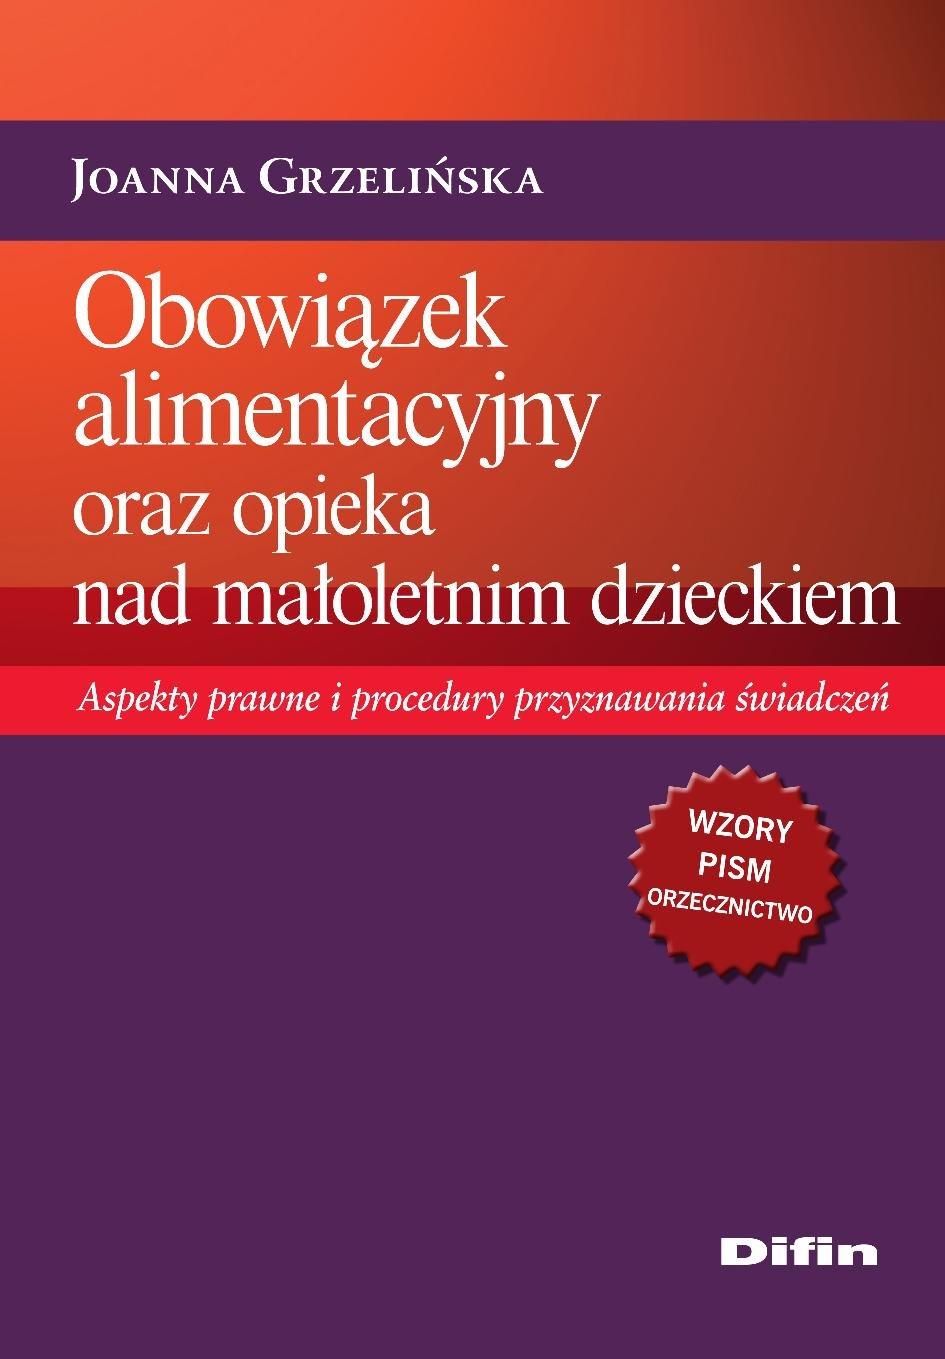 Obowiązek alimentacyjny oraz opieka nad małoletnim dzieckiem. Aspekty prawne i procedury przyznawania świadczeń - Ebook (Książka PDF) do pobrania w formacie PDF